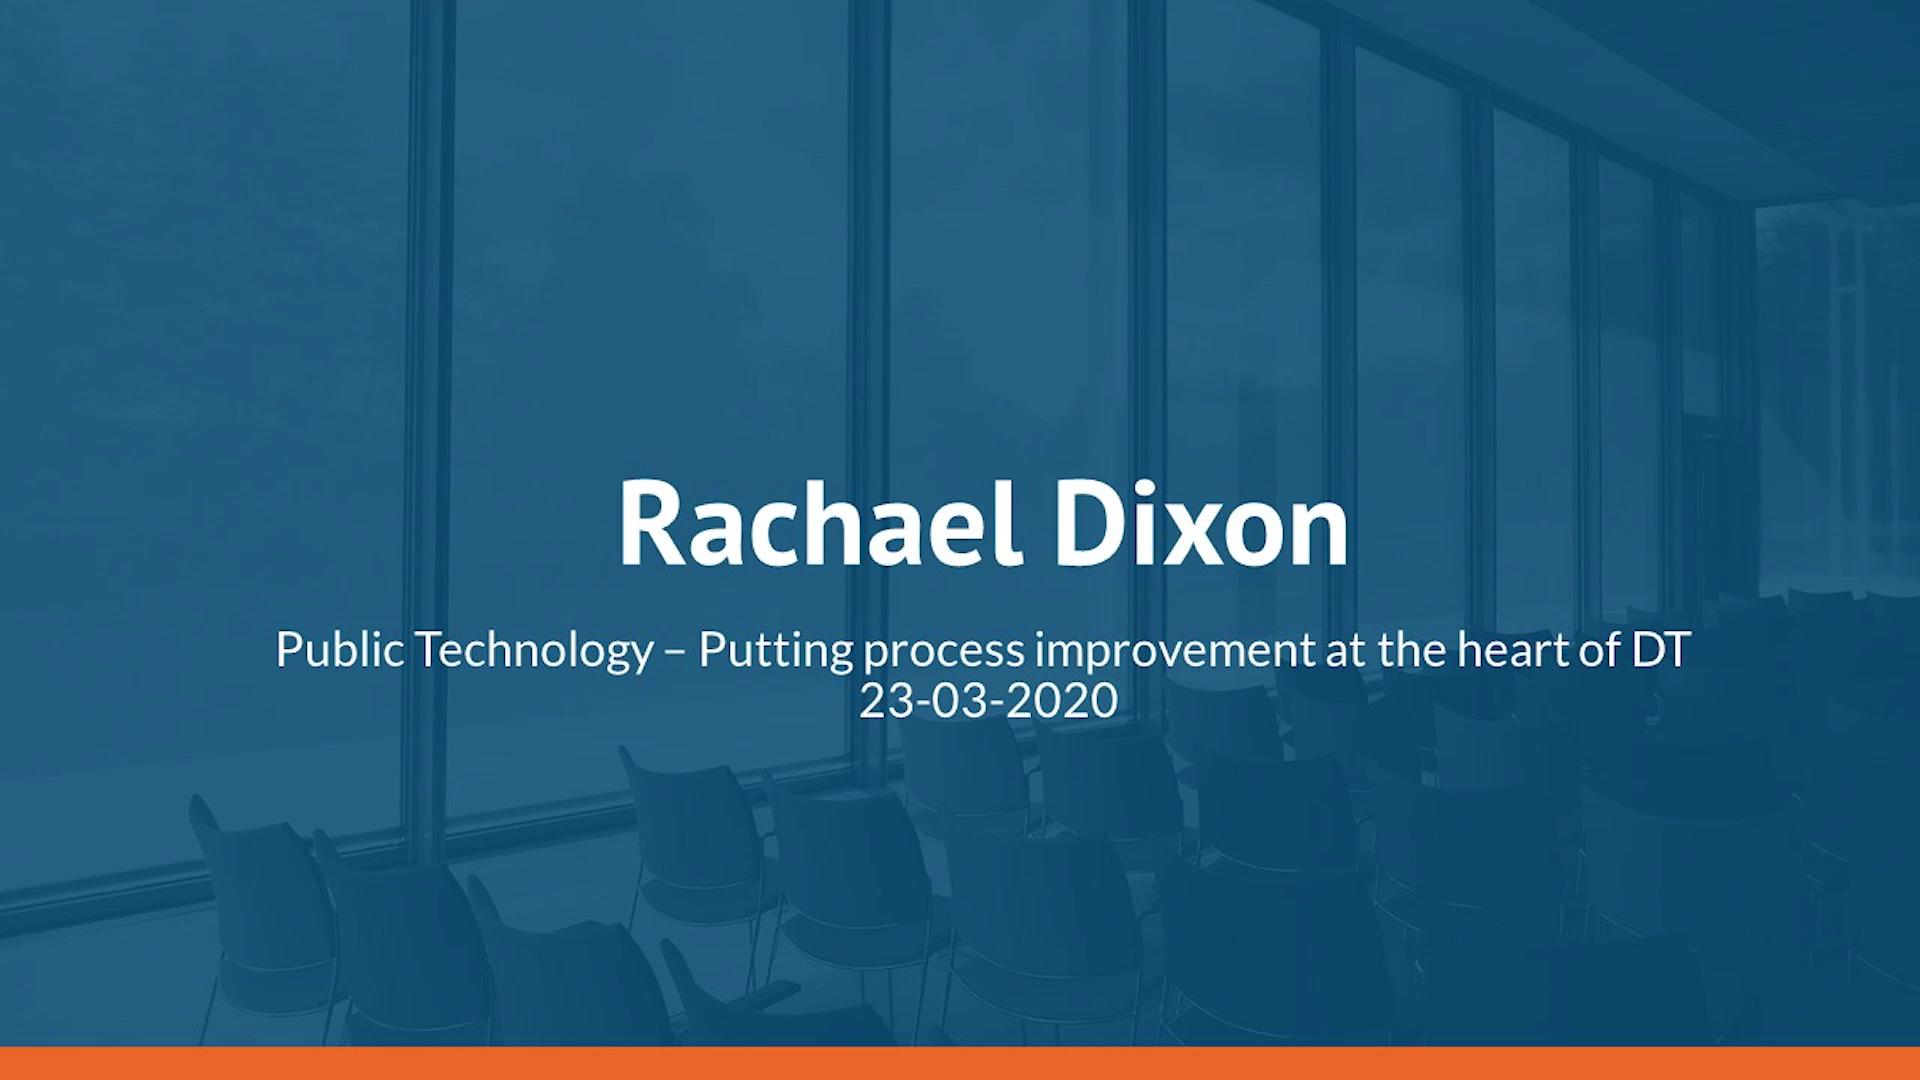 Rachael DIxon P T